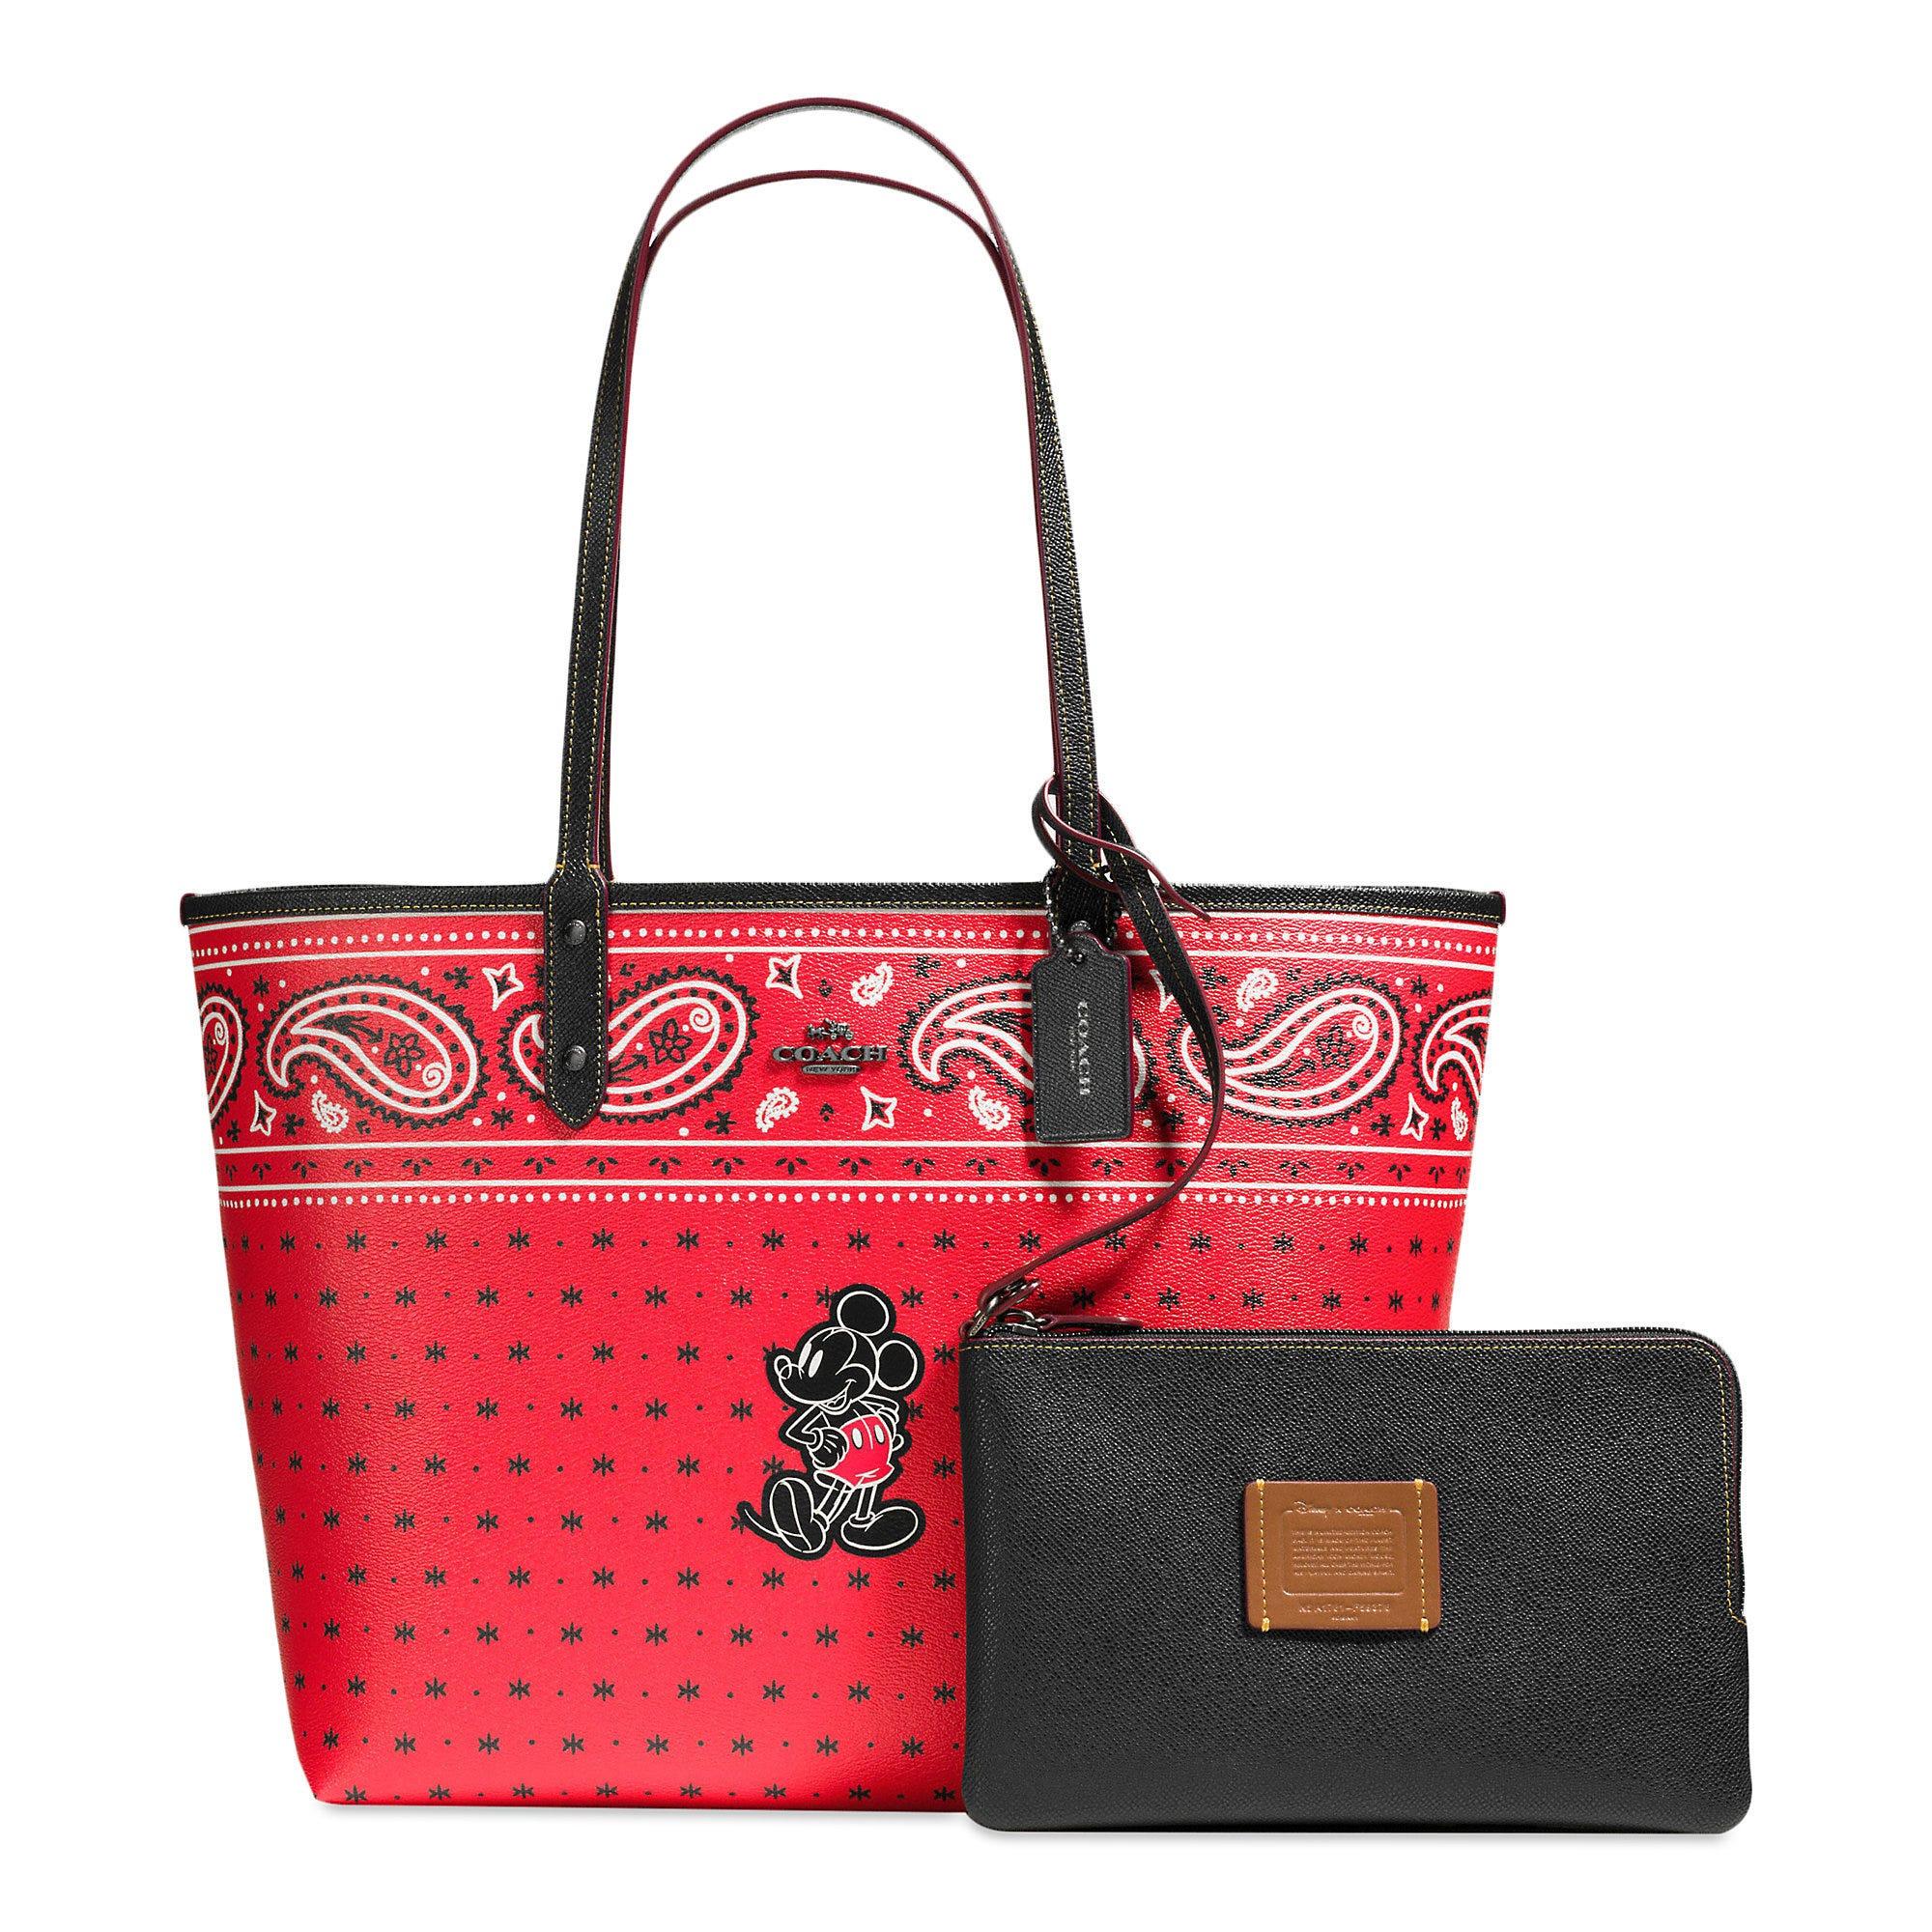 Mickey Mouse Handbags Women Coach